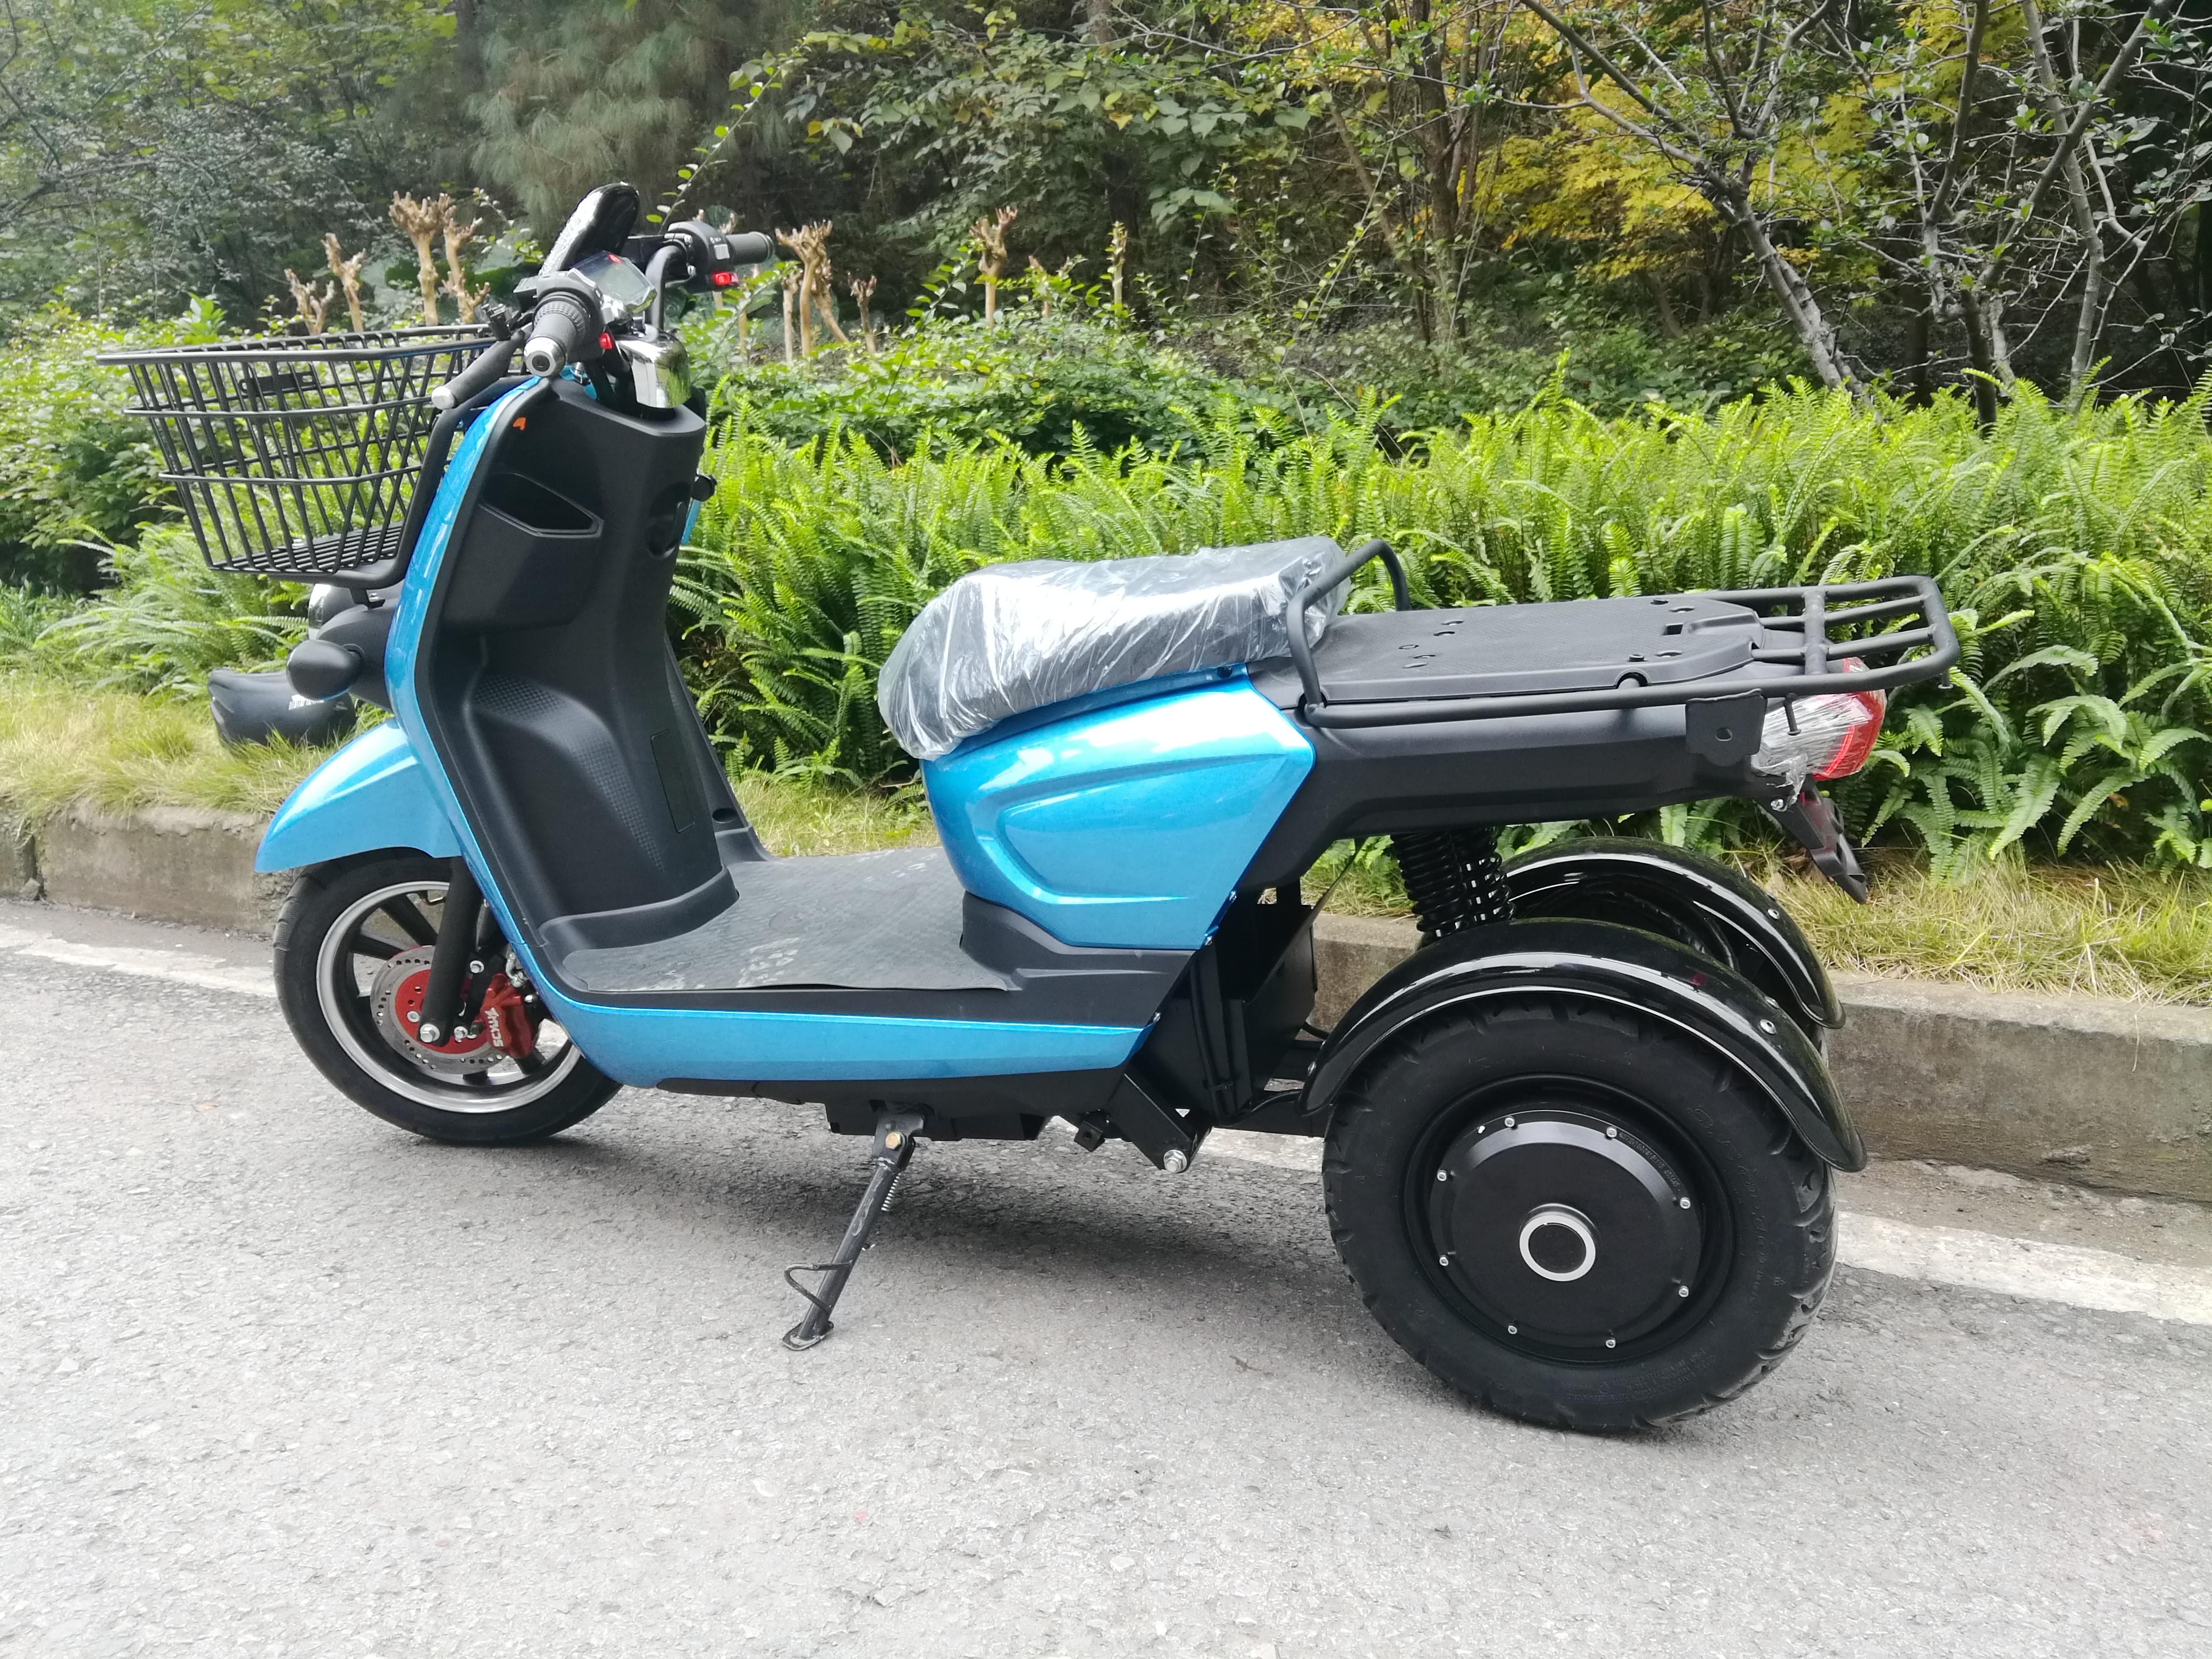 Azur Scooter 3w A 3 Roues Electrique L Utilitaire Parfait